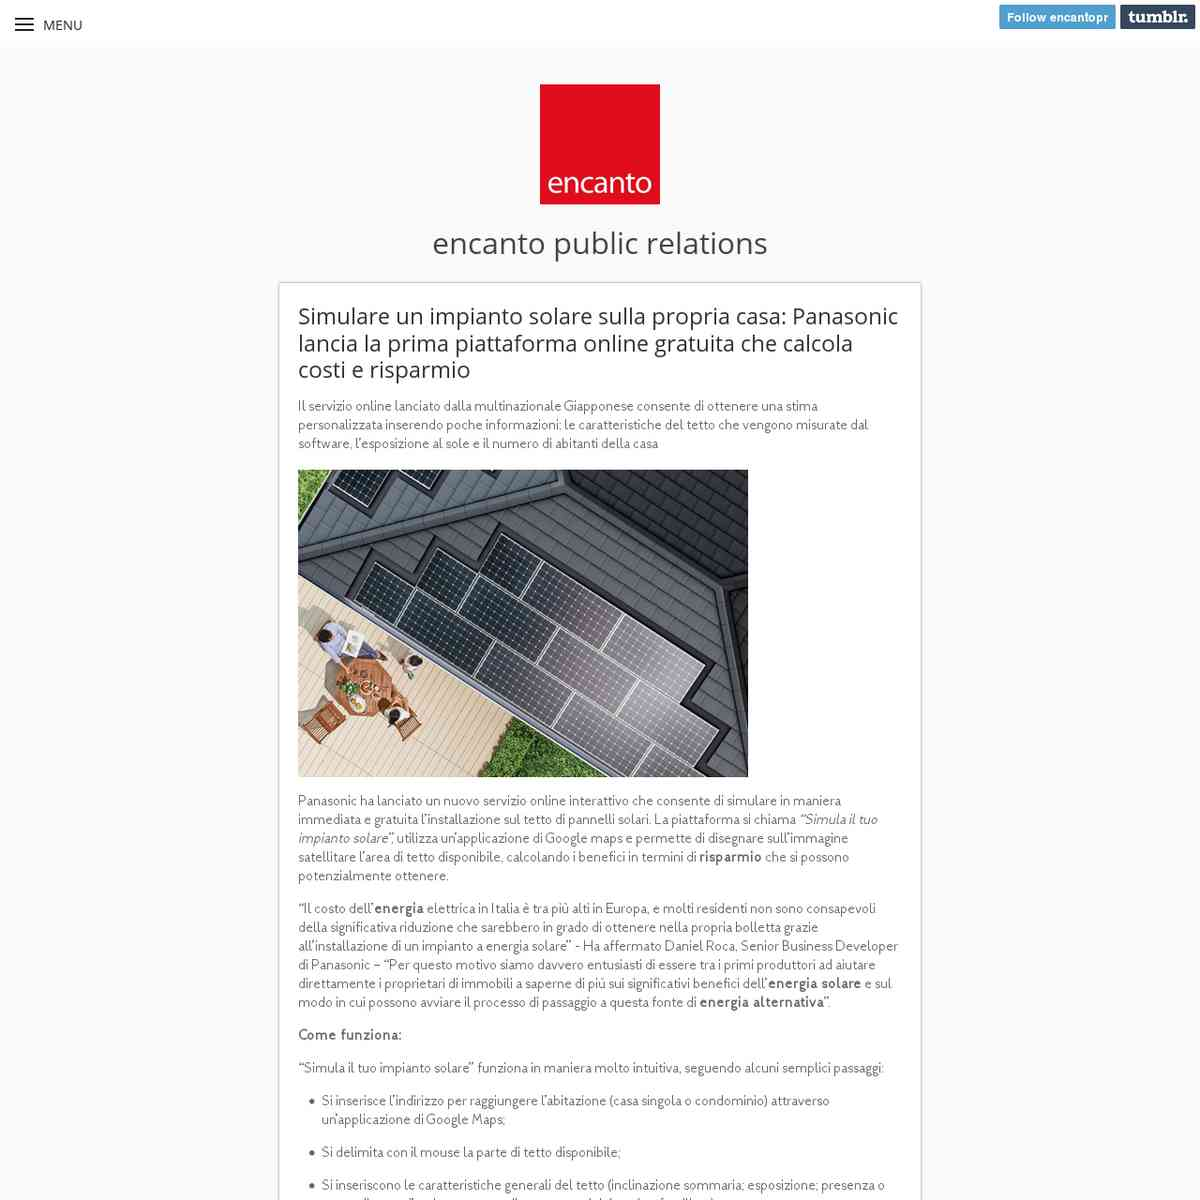 Panasonic Energia Solare: Simulare un impianto solare sulla propria casa